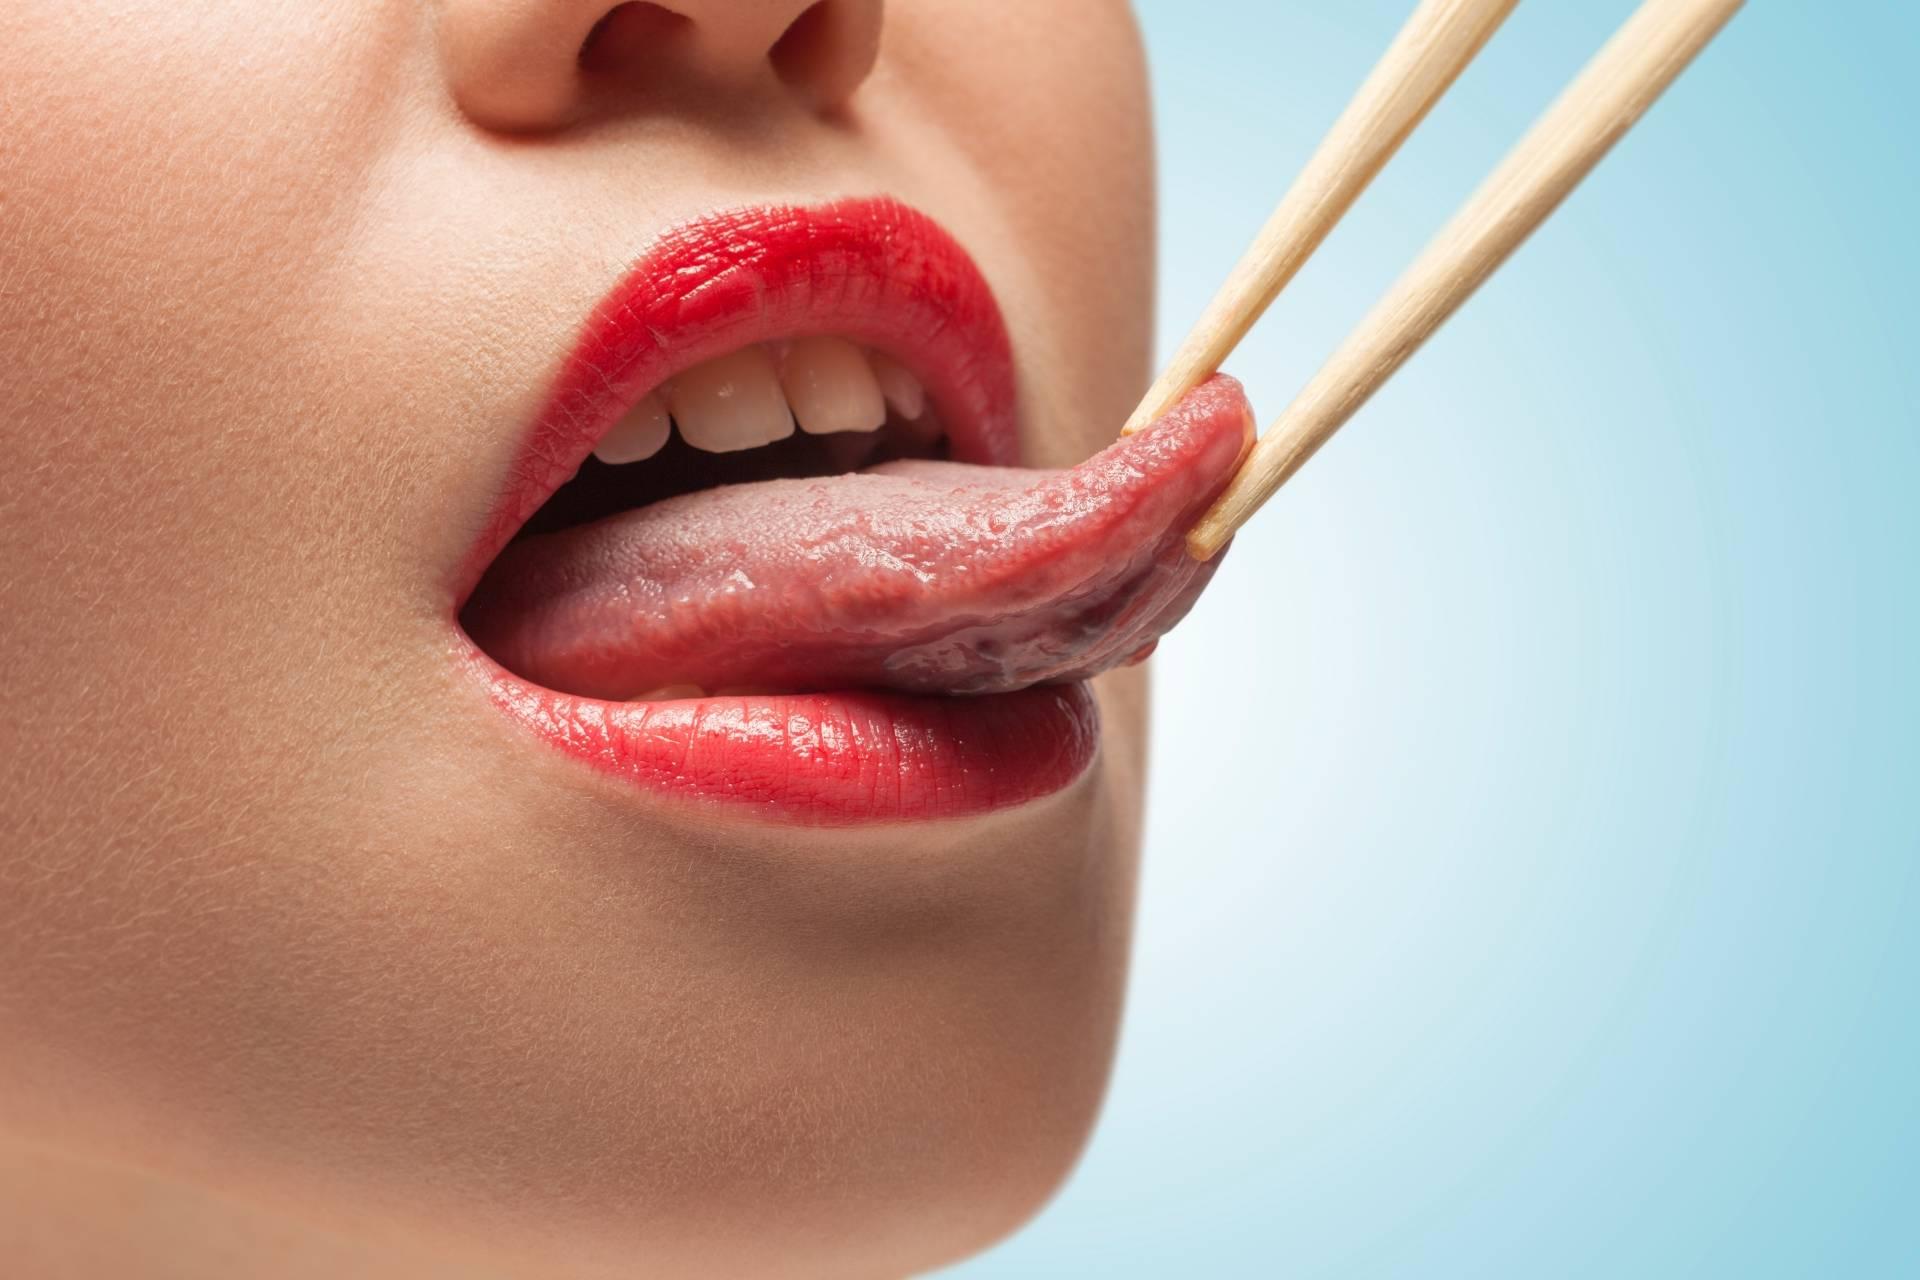 Jak wygląda zdrowy język? Zbliżenie na dolną część twarzy młodej kobiety, której język jest trzymany w patyczkach do sushi.